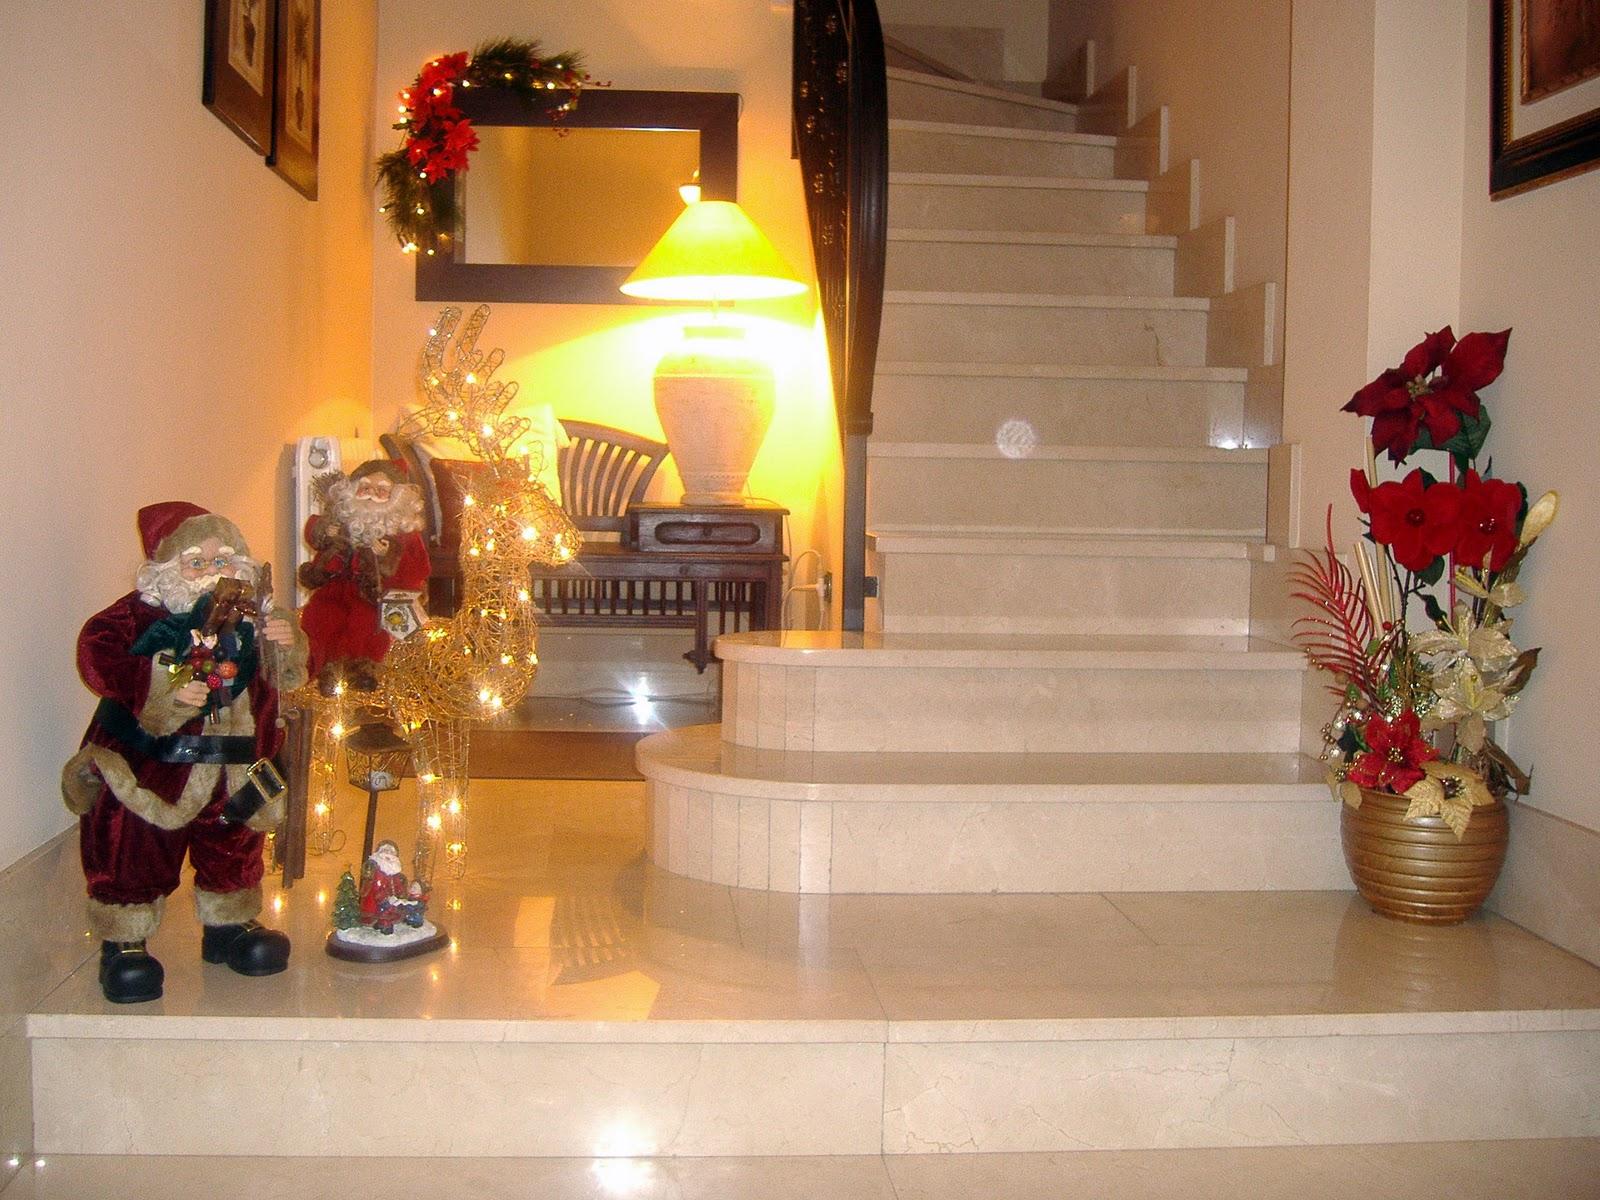 Decorar navidad decorar la casa en navidad - Como adornar la casa en navidad ...